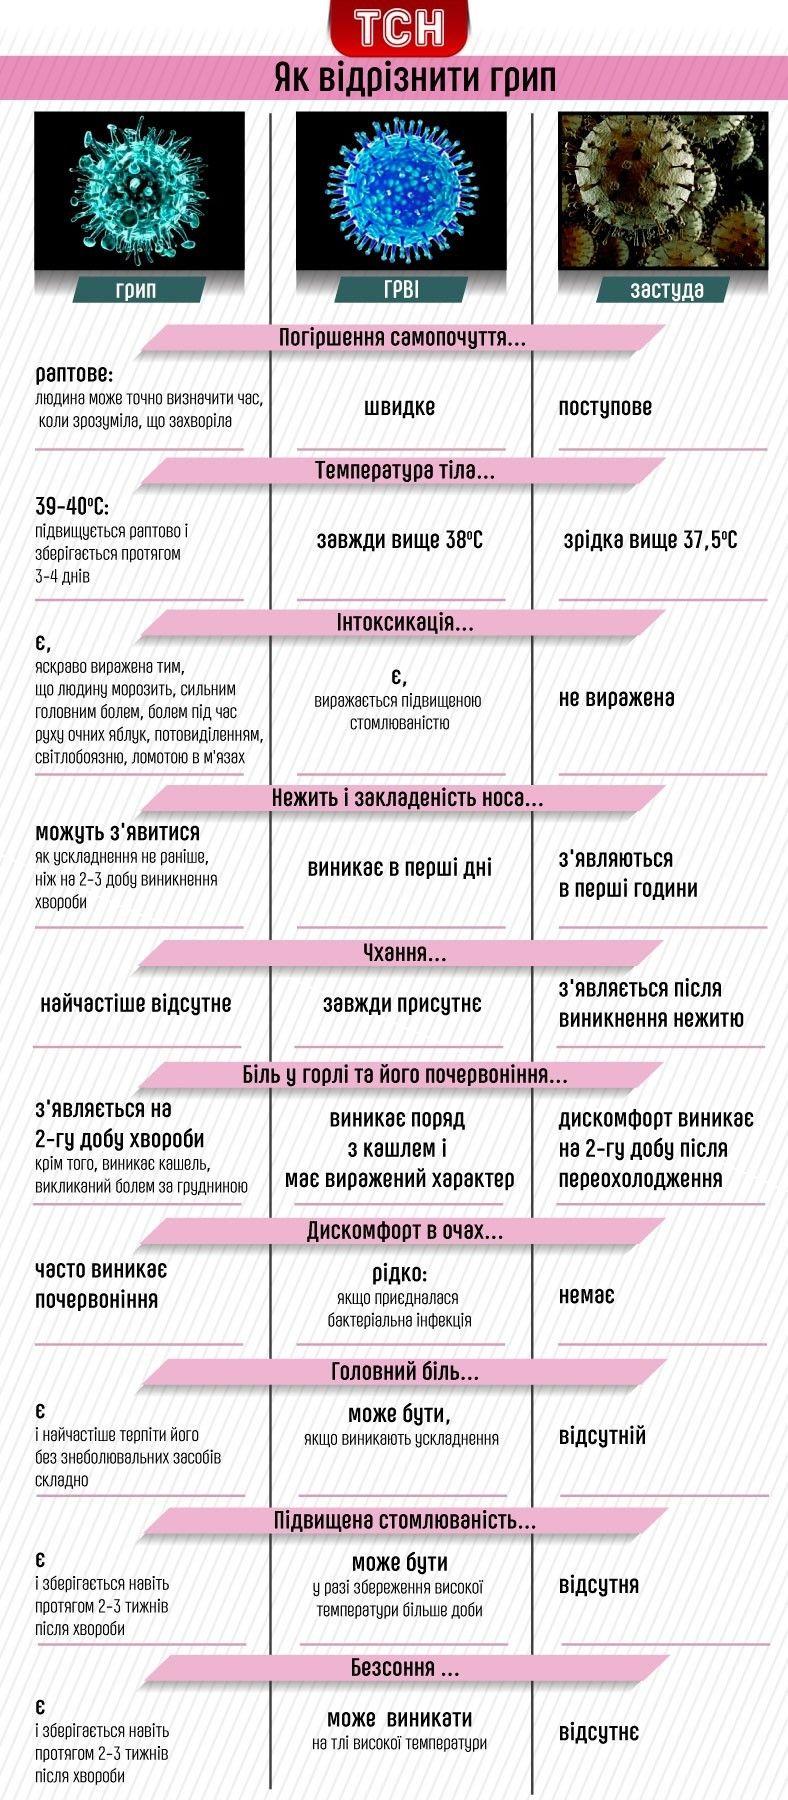 Як відрізнити грип від ГРВІ та застуди, інфографіка